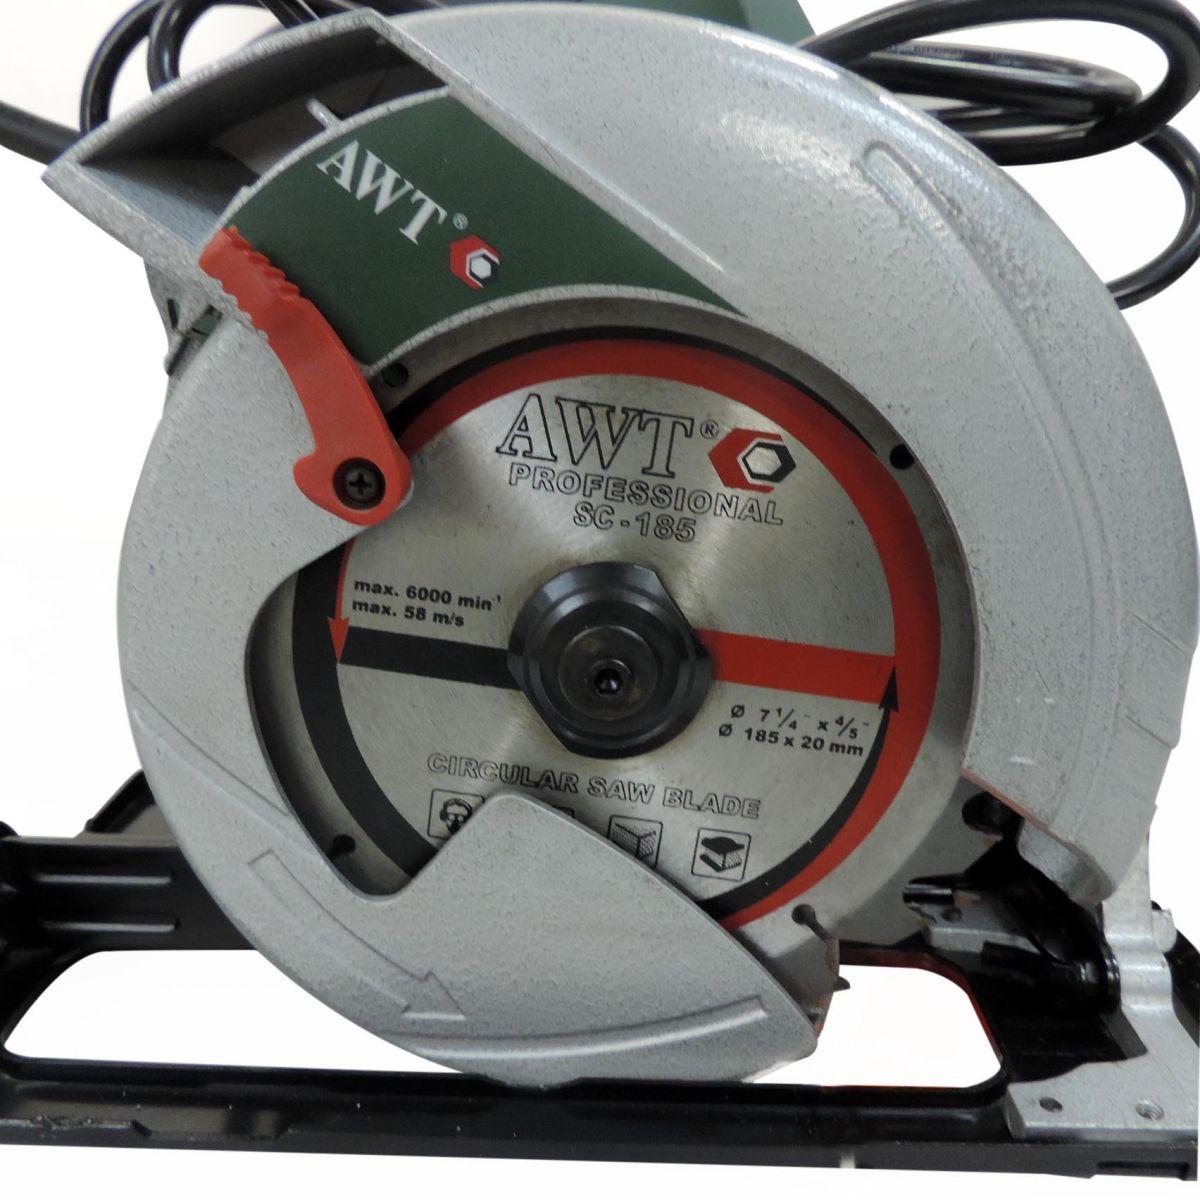 016 Serra Circular Sc-185 1350w 127v Awt Nova